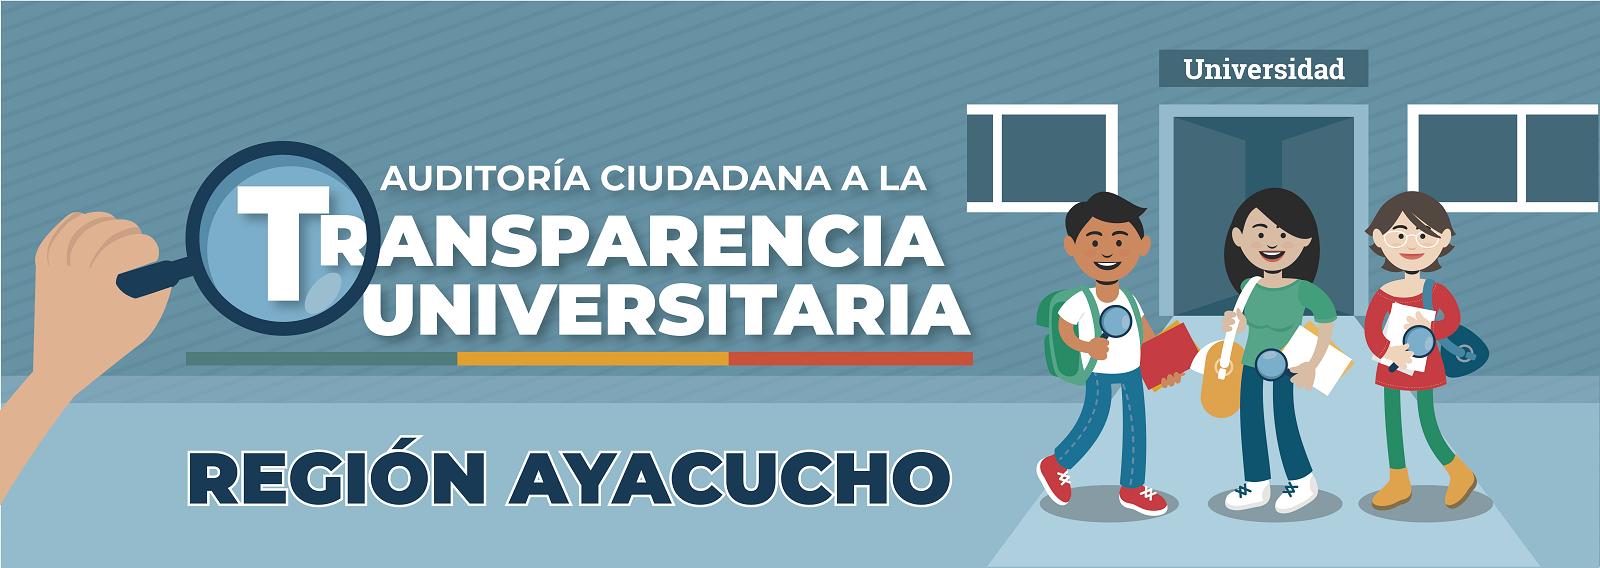 AYACUCHO-03